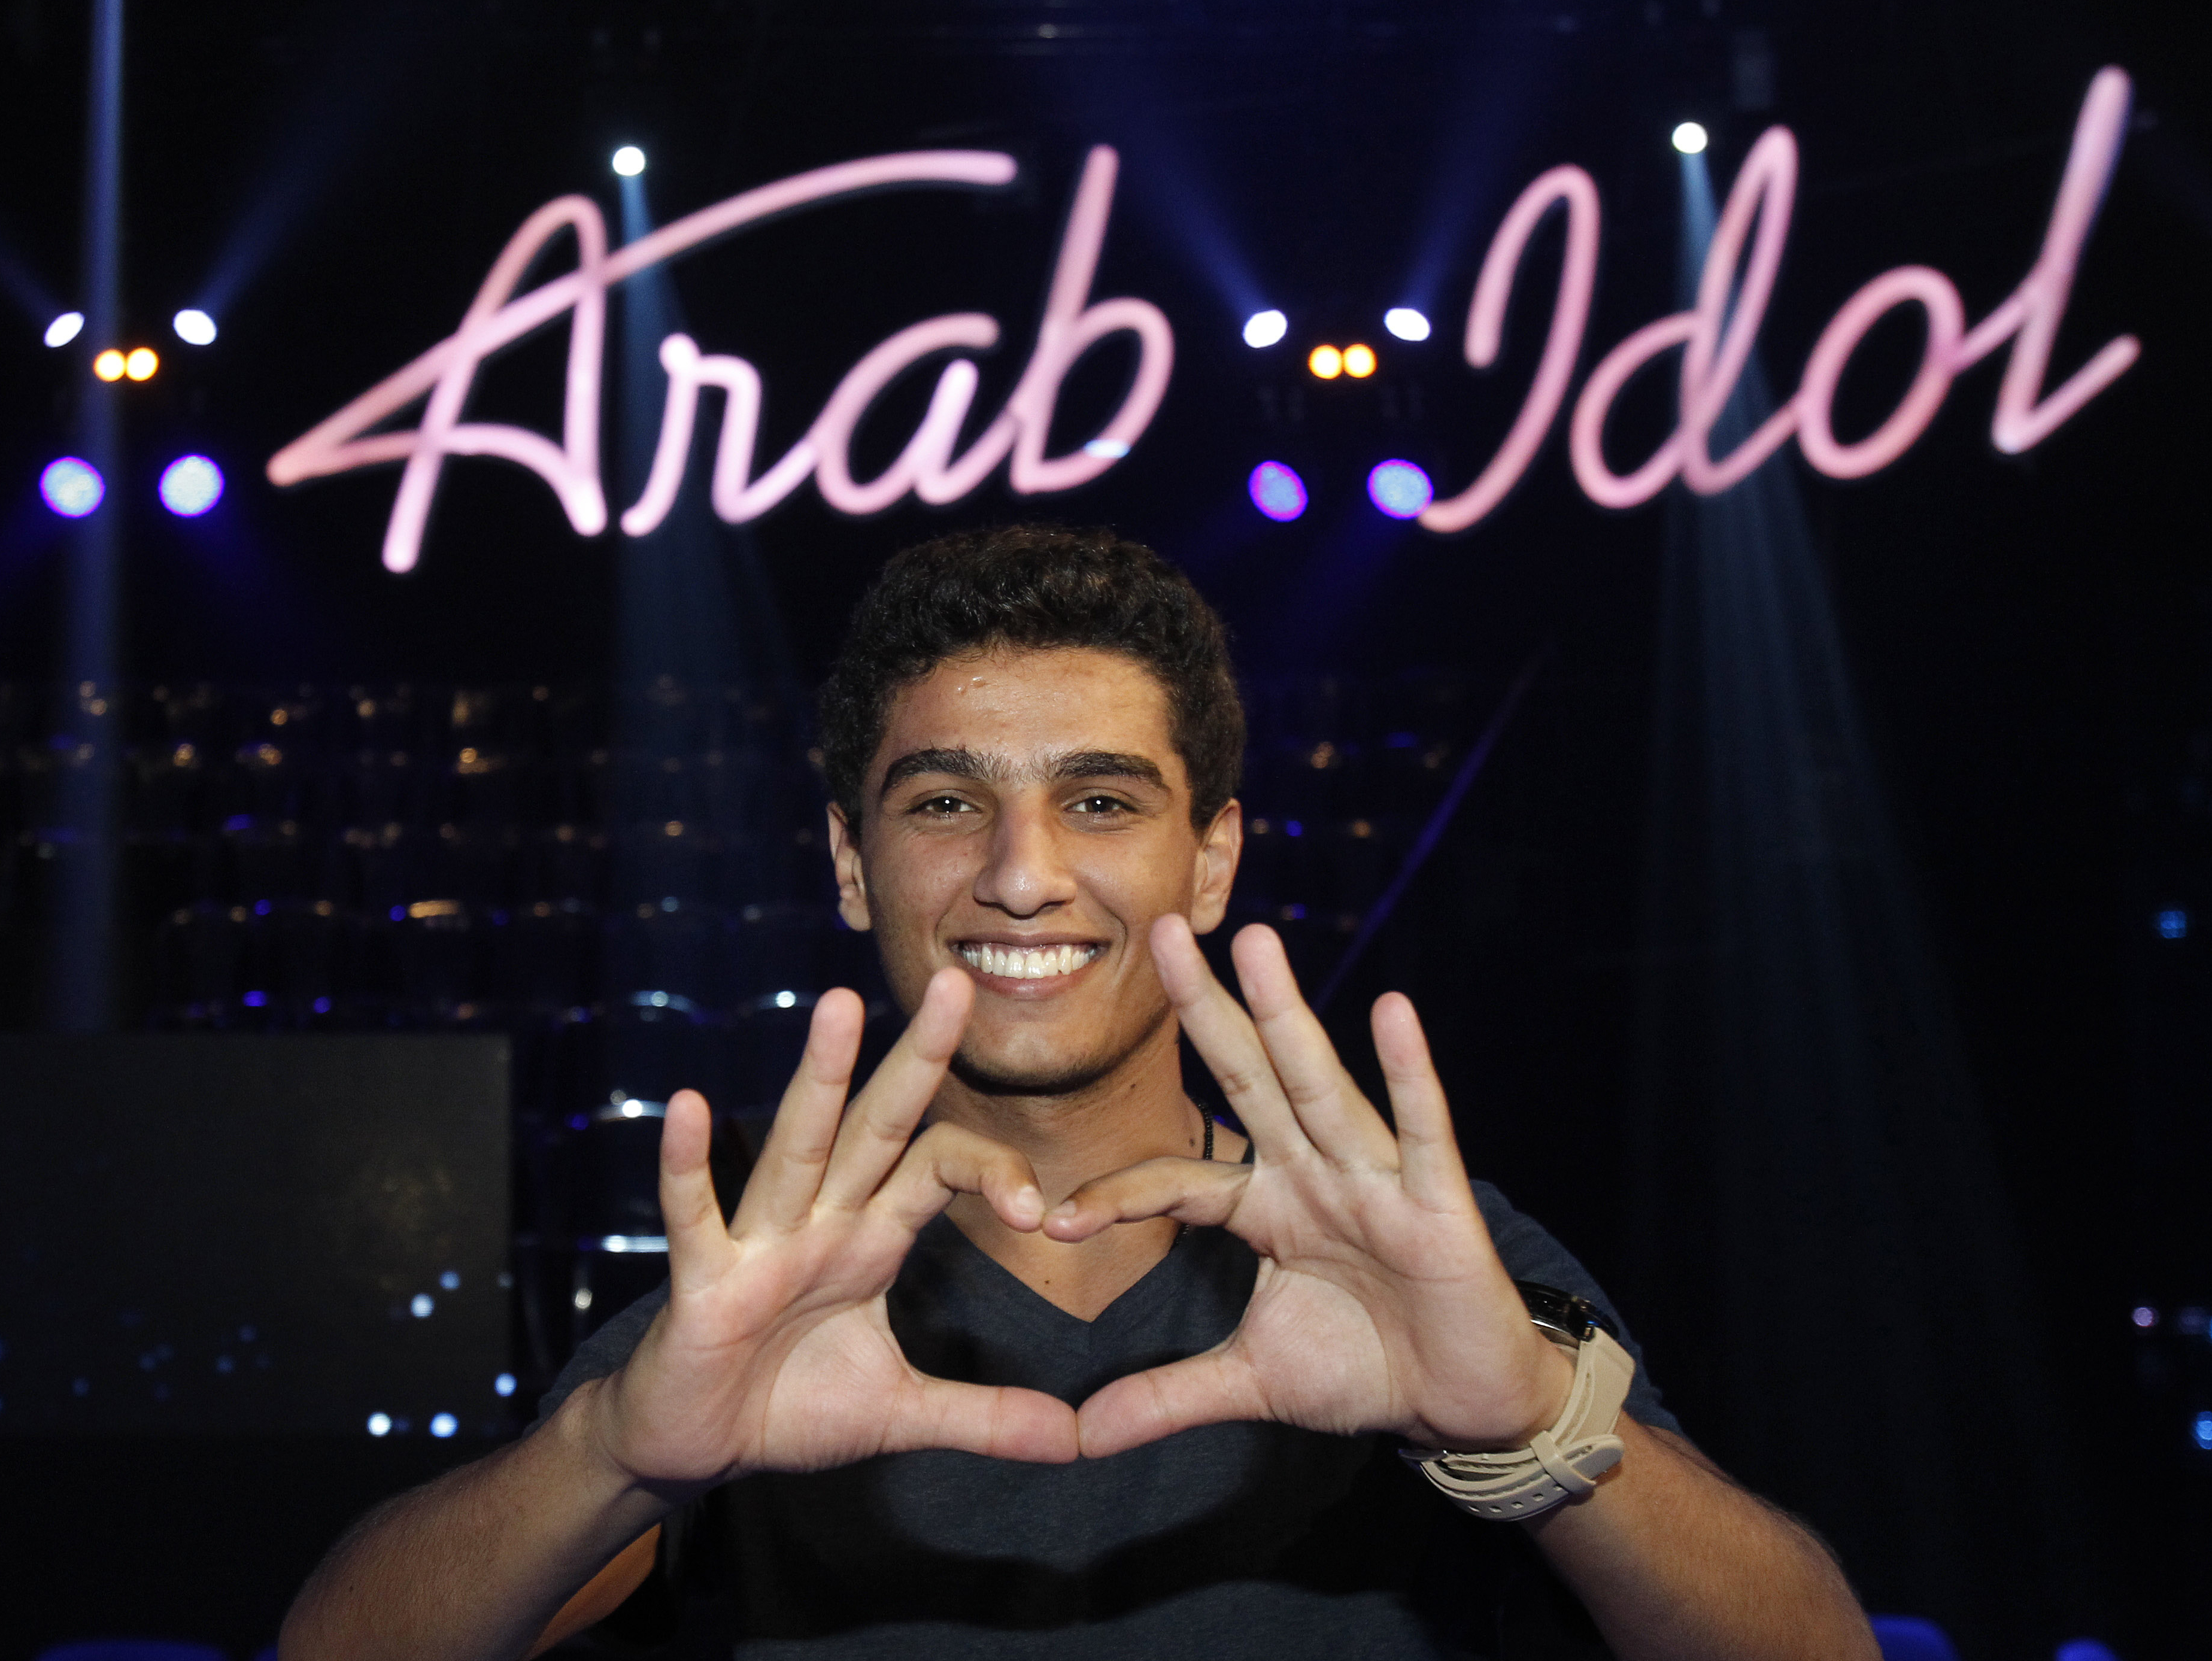 'Arab Idol' Finalist Delivers Sweet Music, Palestinian Pride